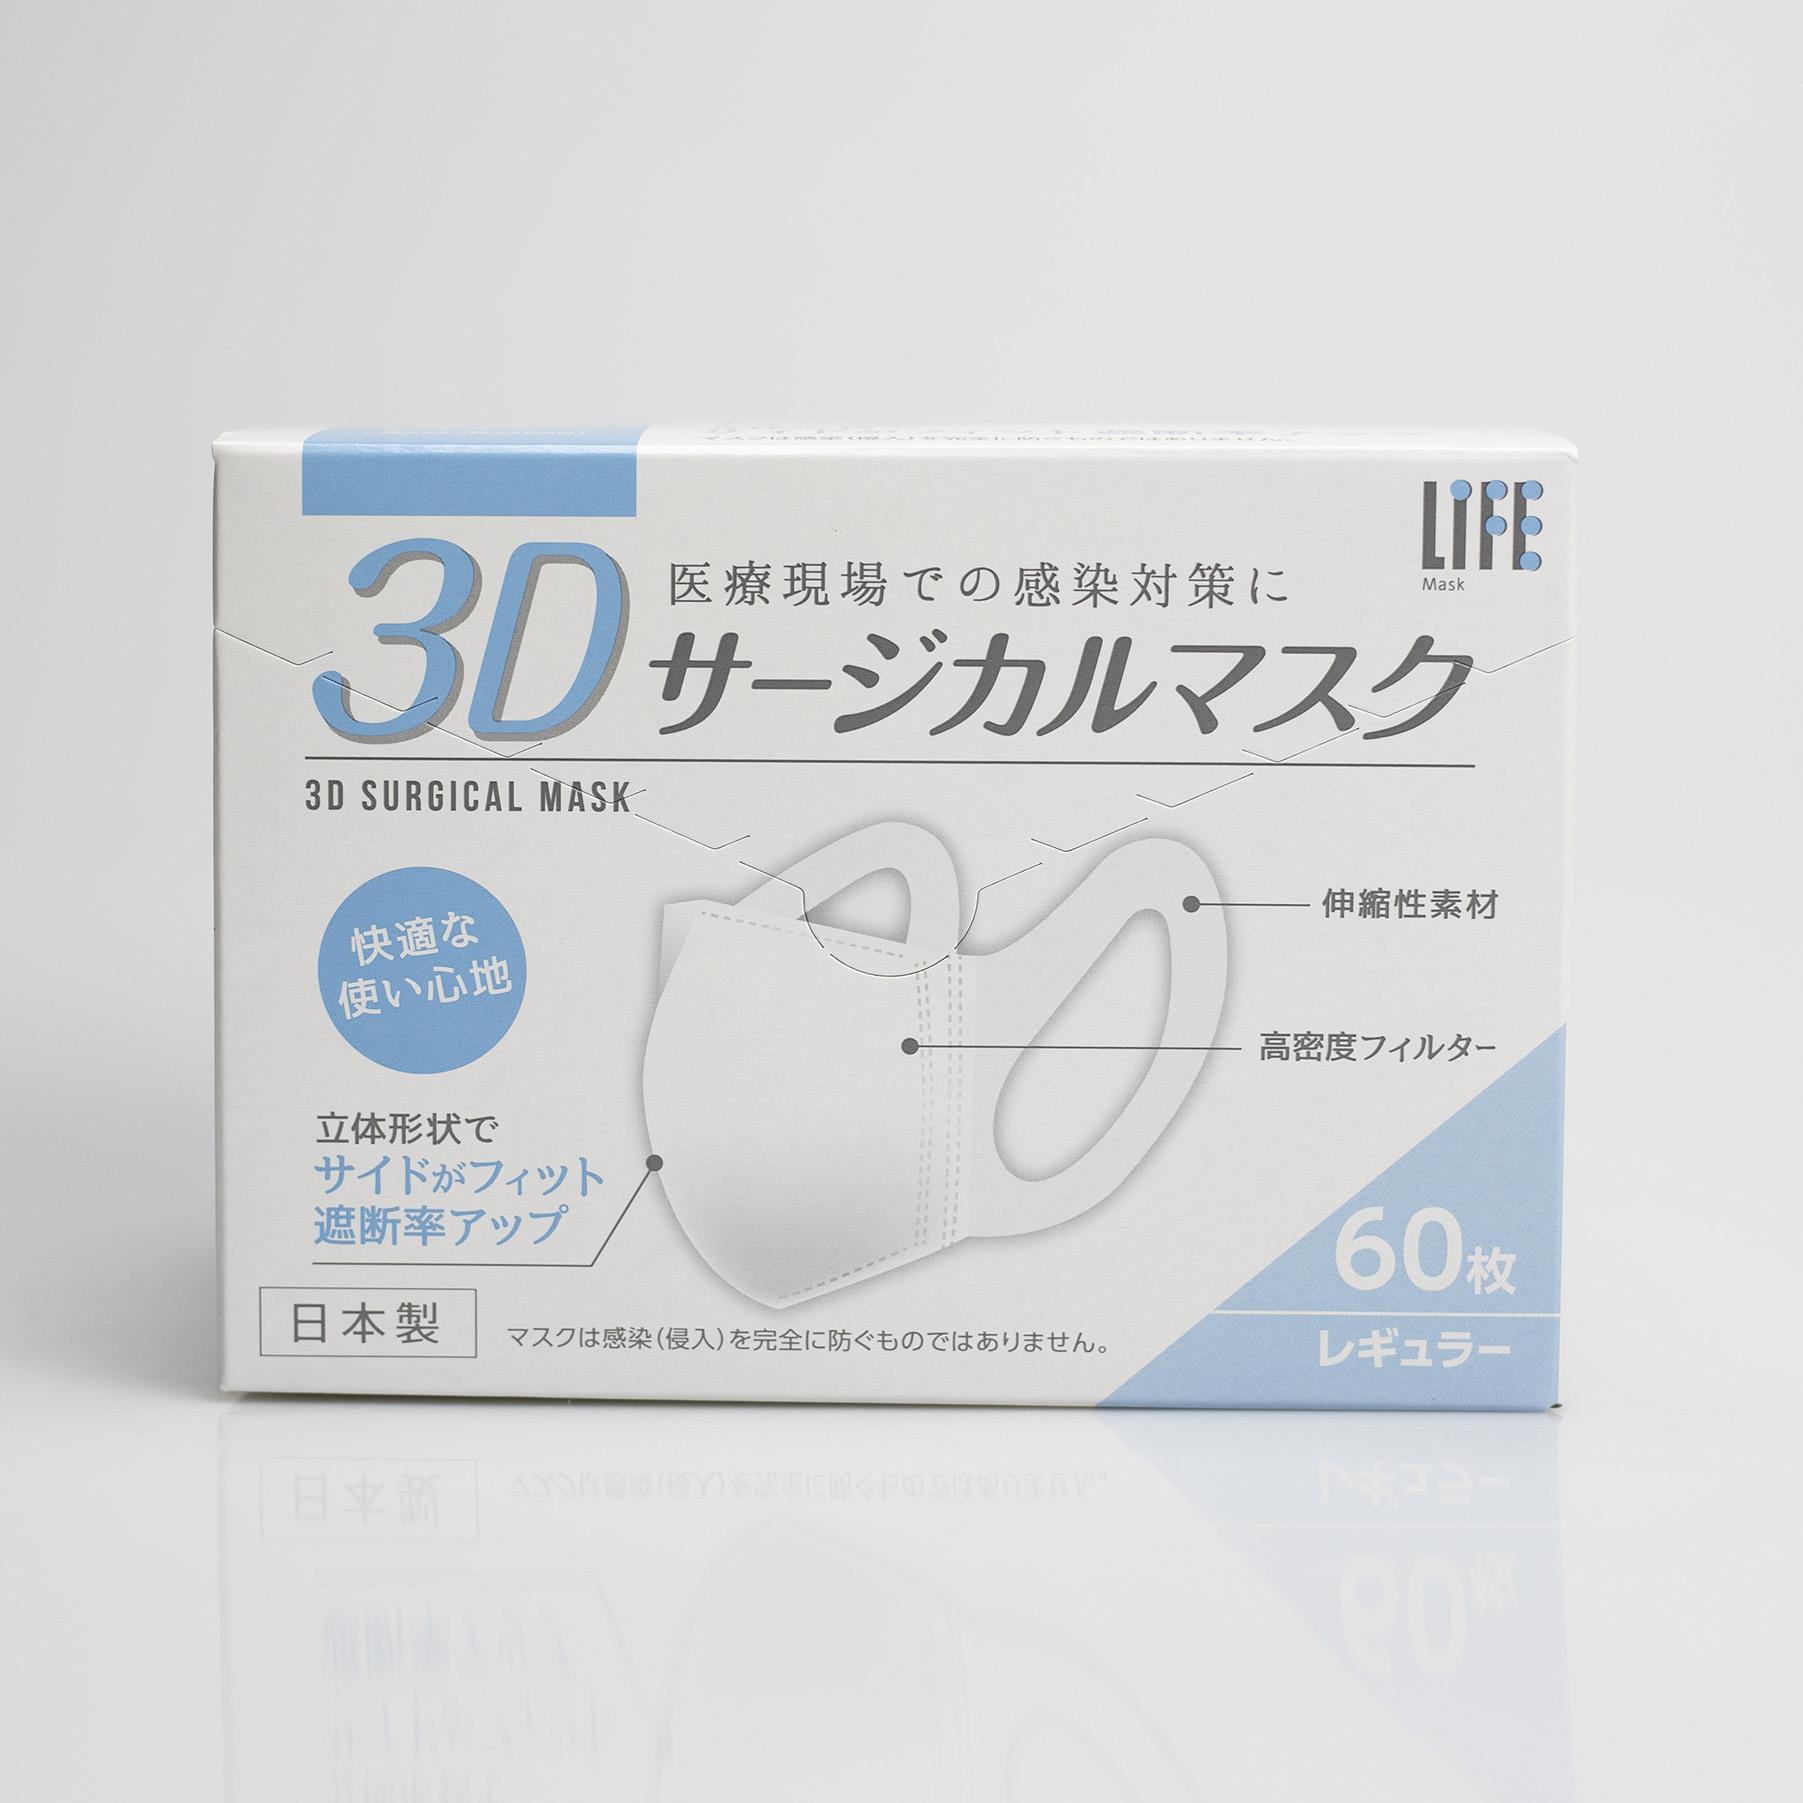 3Dサージカルマスク レギュラーサイズ 60枚入3個セット